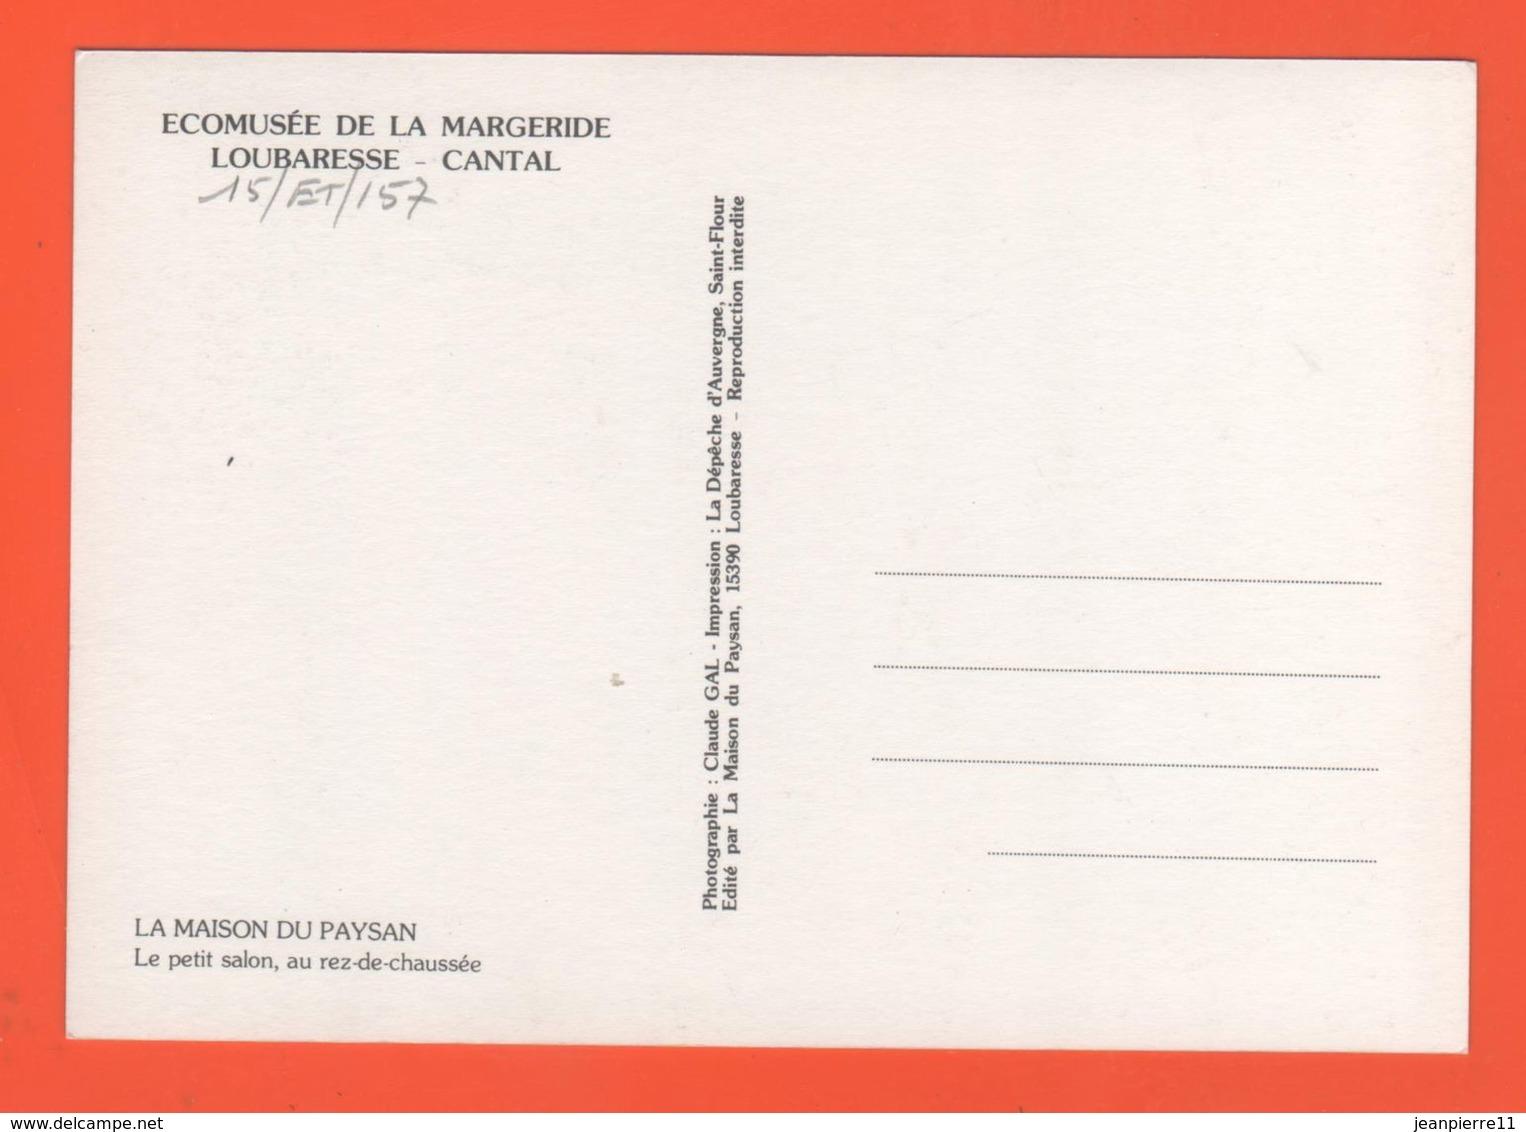 ET/157  ECOMUSEE DE LA MARGERIDE LOUBARESSE CANTAL MAISON DU PAYSAN LE PETIT SALON AU REZ DE CHAUSSEE CANTAL - Frankrijk